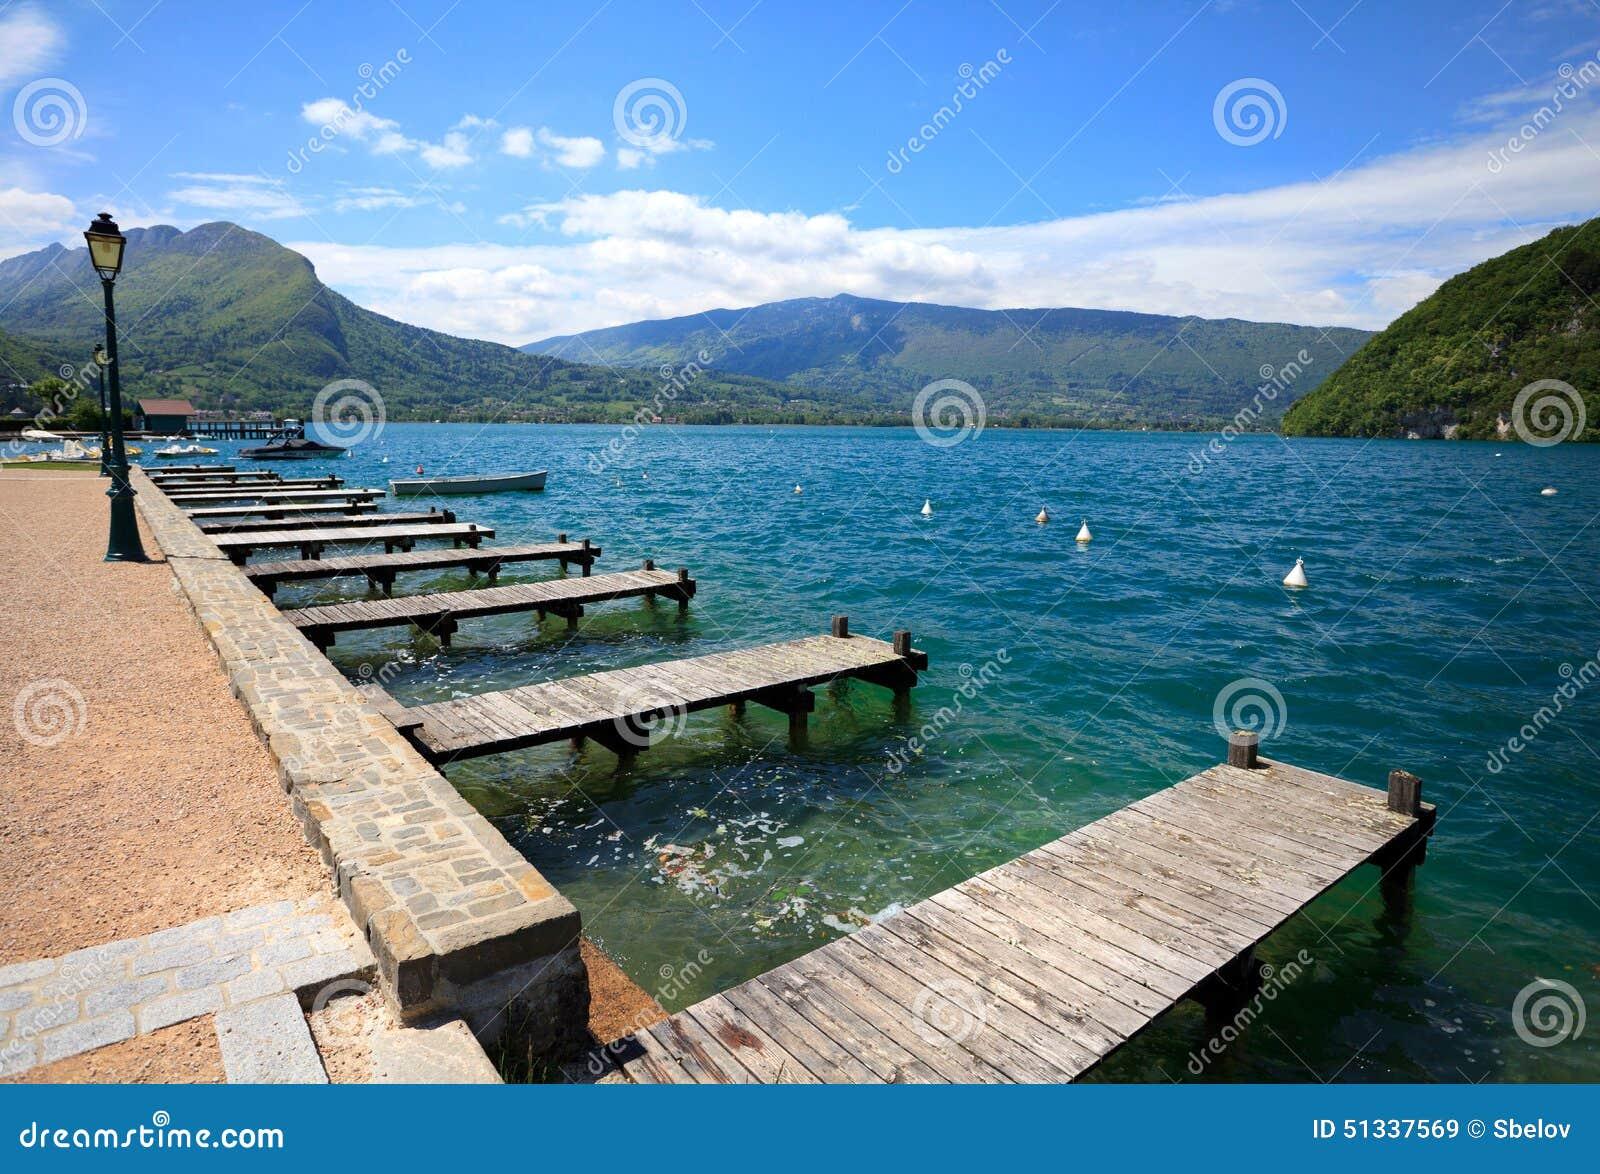 Lago annecy, pontón de madera andlanding la etapa en Veyrier-du-laca